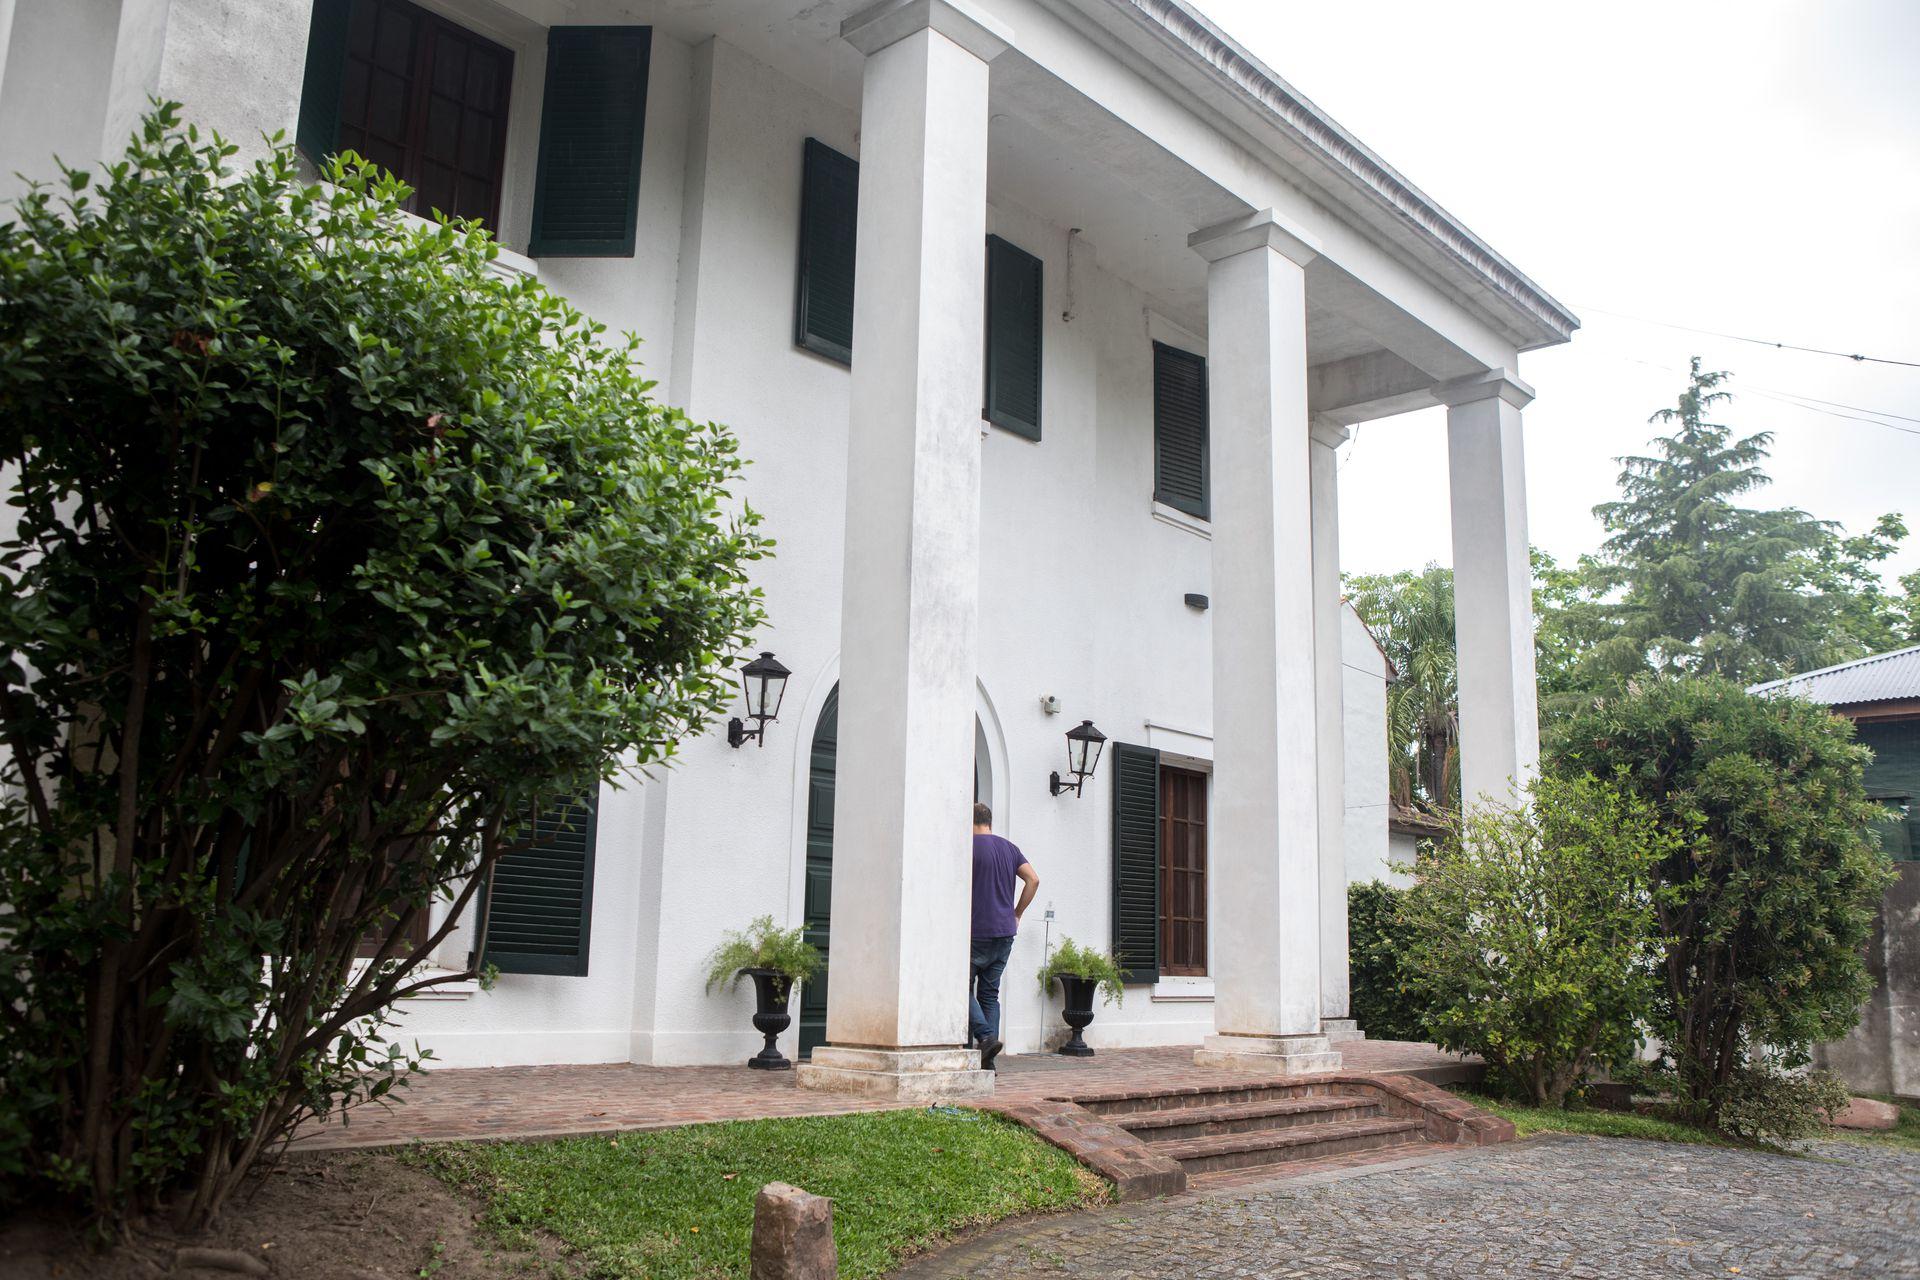 Villa Victoria, el imponente palacete de Tigre reconvertido en hotel.